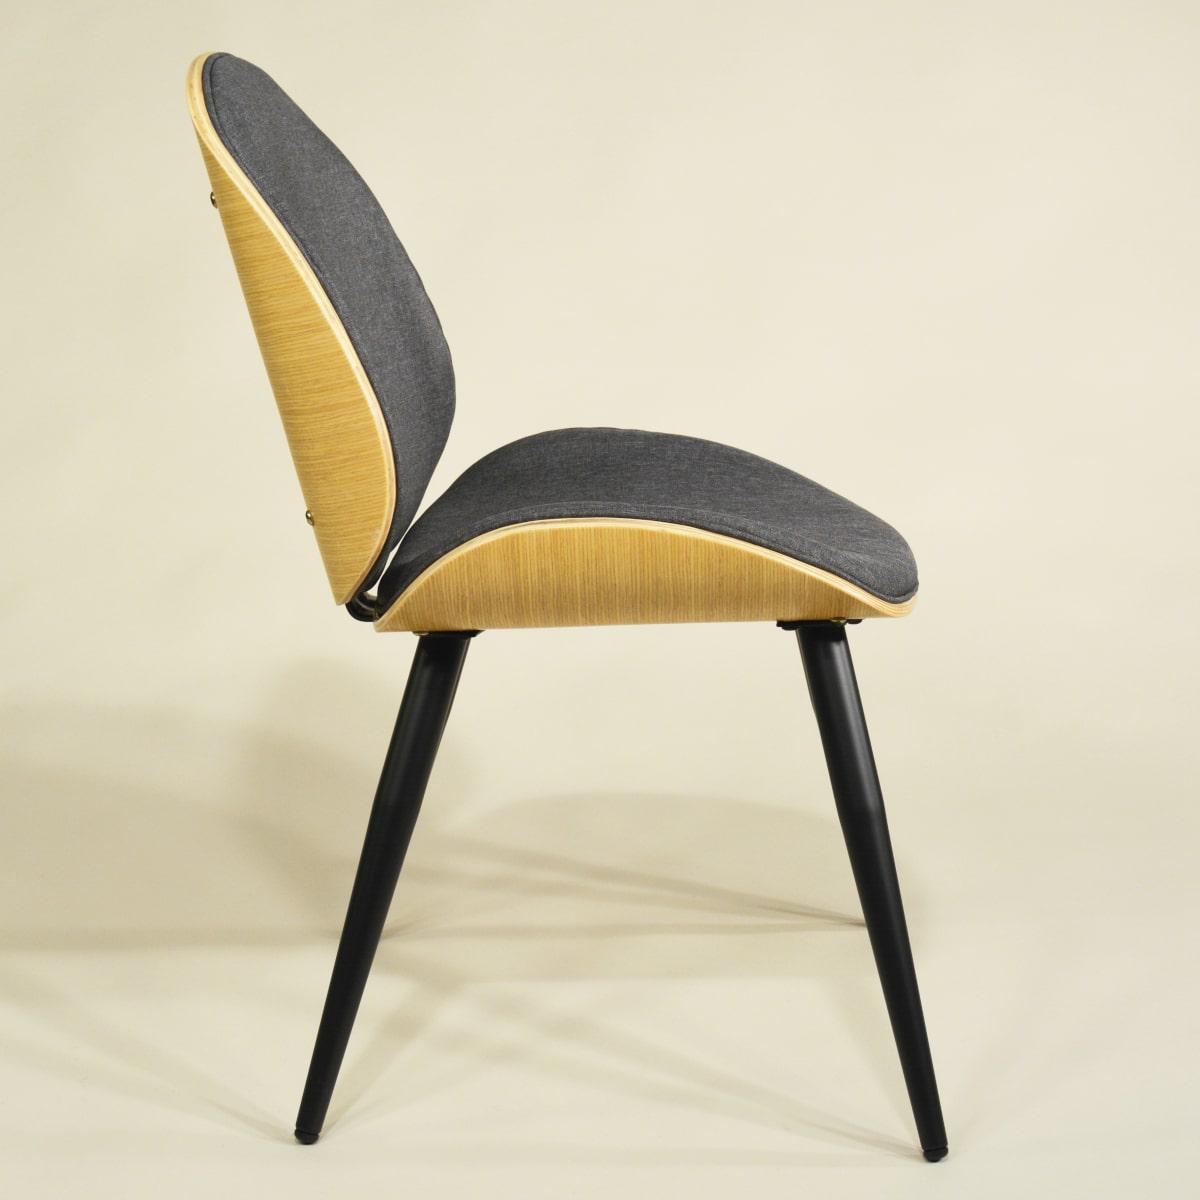 Esszimmer-Stuhl Holz Vintage Modern